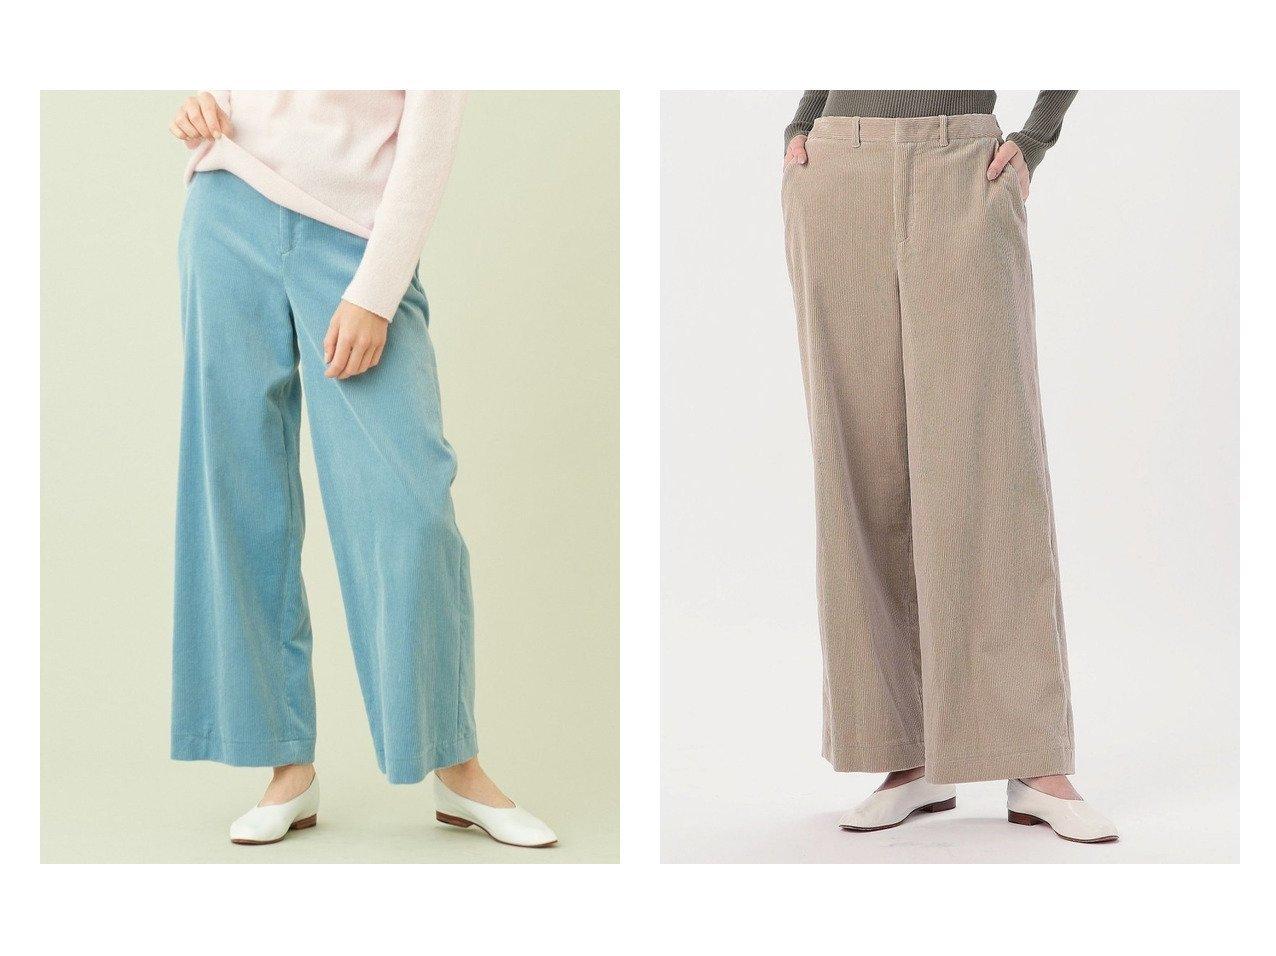 【GALERIE VIE / TOMORROWLAND/ギャルリー ヴィー】のシャンカールコーデュロイ ストレートパンツ パンツのおすすめ!人気、トレンド・レディースファッションの通販 おすすめで人気の流行・トレンド、ファッションの通販商品 メンズファッション・キッズファッション・インテリア・家具・レディースファッション・服の通販 founy(ファニー) https://founy.com/ ファッション Fashion レディースファッション WOMEN パンツ Pants 2020年 2020 2020-2021 秋冬 A/W AW Autumn/Winter / FW Fall-Winter 2020-2021 A/W 秋冬 AW Autumn/Winter / FW Fall-Winter インド コーデュロイ ジーンズ ストレート ドレープ リラックス ワイド 定番 Standard |ID:crp329100000012854